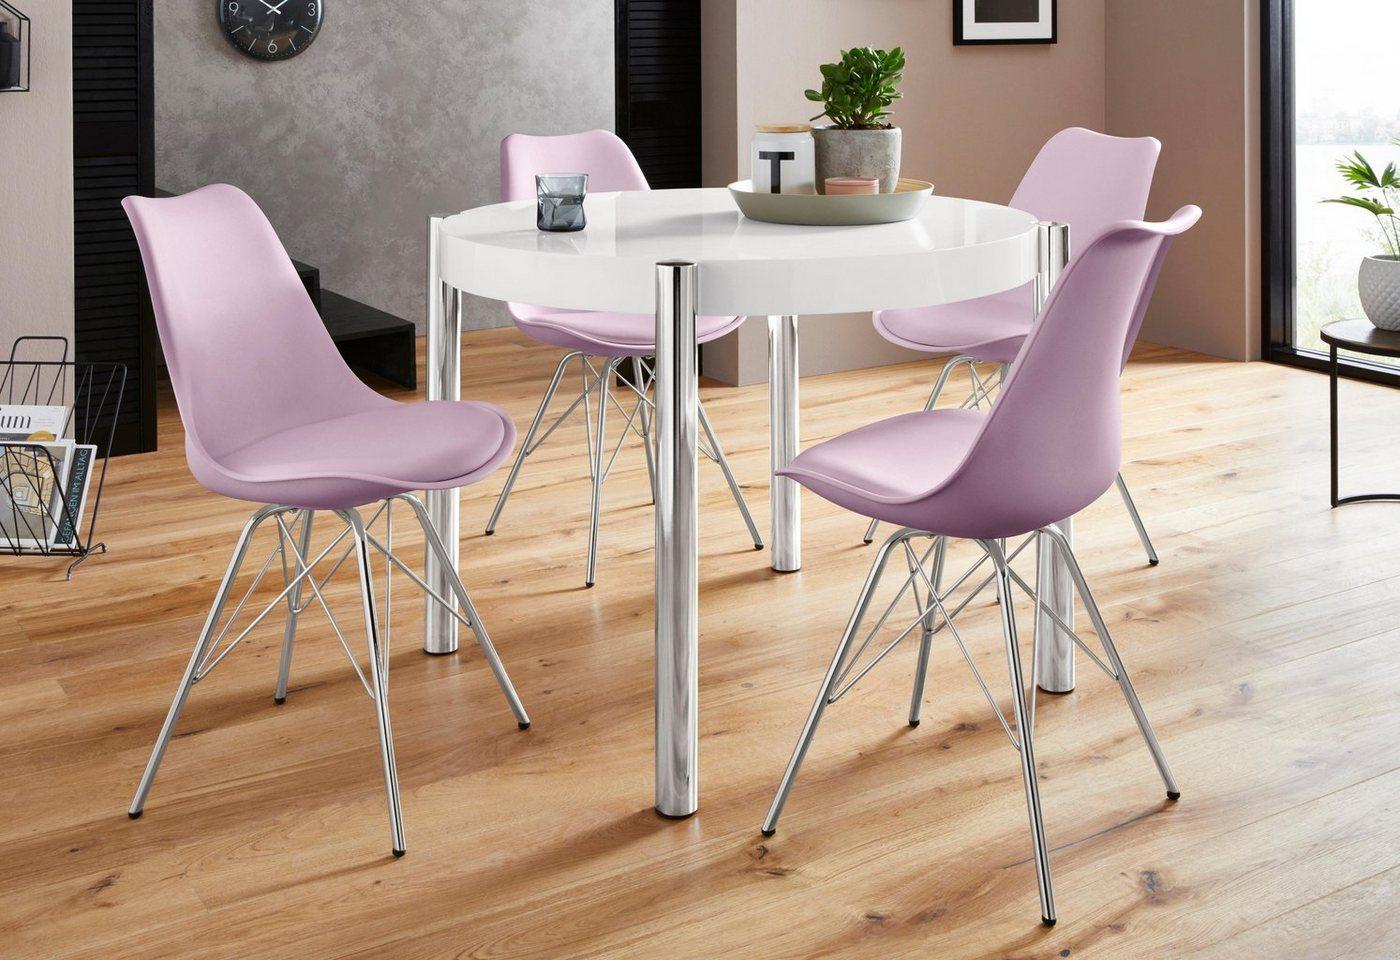 Homexperts Essgruppe »Hannes2-Ursel«, (Set, 5 tlg), Tisch rechteckig mit 4 Schalenstühlen | Küche und Esszimmer > Stühle und Hocker > Esszimmerstühle | Weiß | Kunstleder - Holzwerkstoff | Homexperts